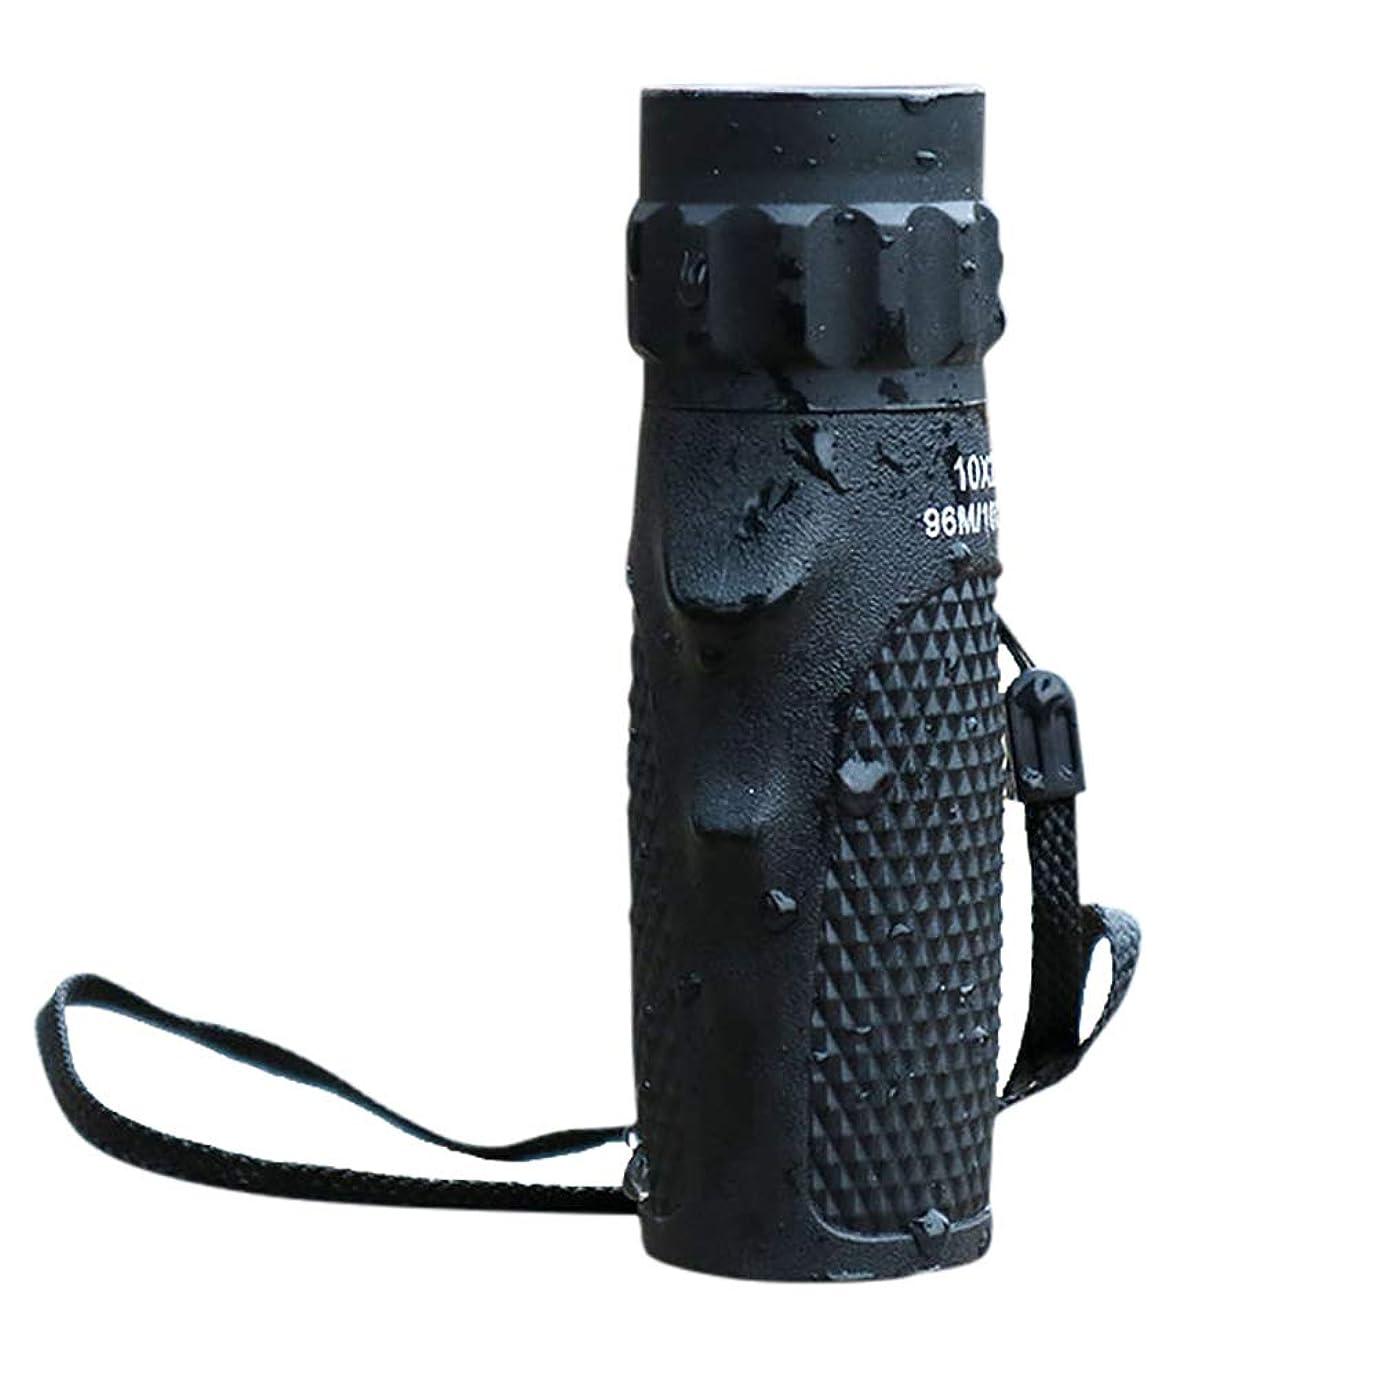 ミネラルショット習熟度Wulidasheng 単眼望遠鏡 キャンプ ハイキング 釣り アウトドア ポータブル 10x25 HD 広角ブルーフィルム 光学ズーム 単眼鏡 ポータブル&耐久性